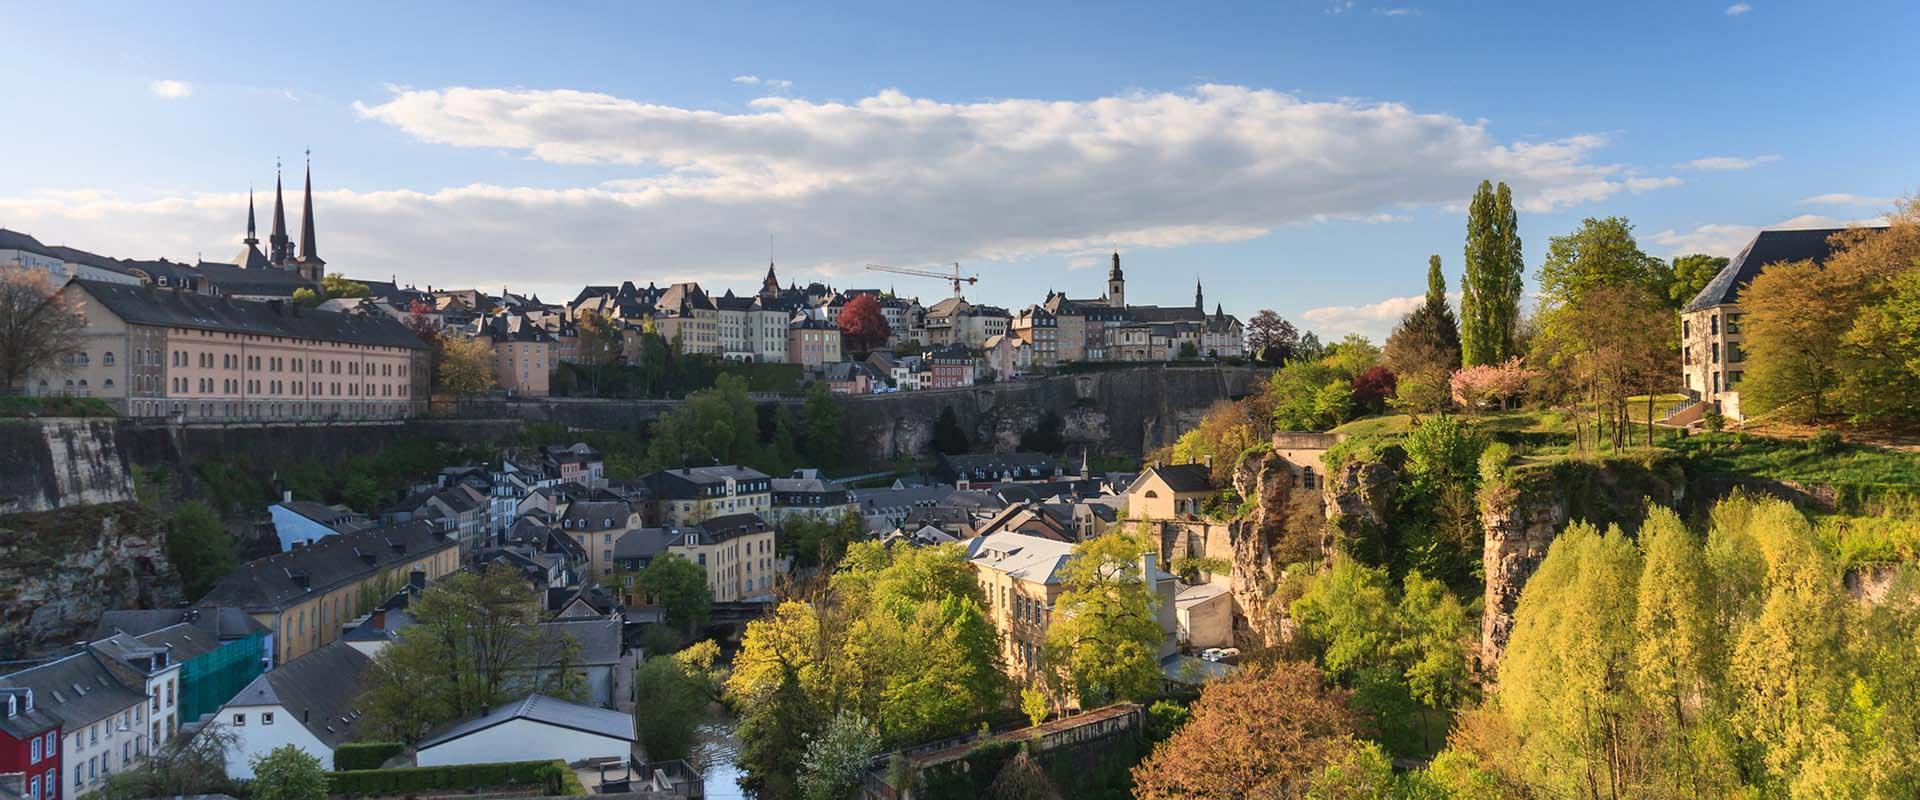 Jours fériés Luxembourg 2021 - PublicHolidays.lu